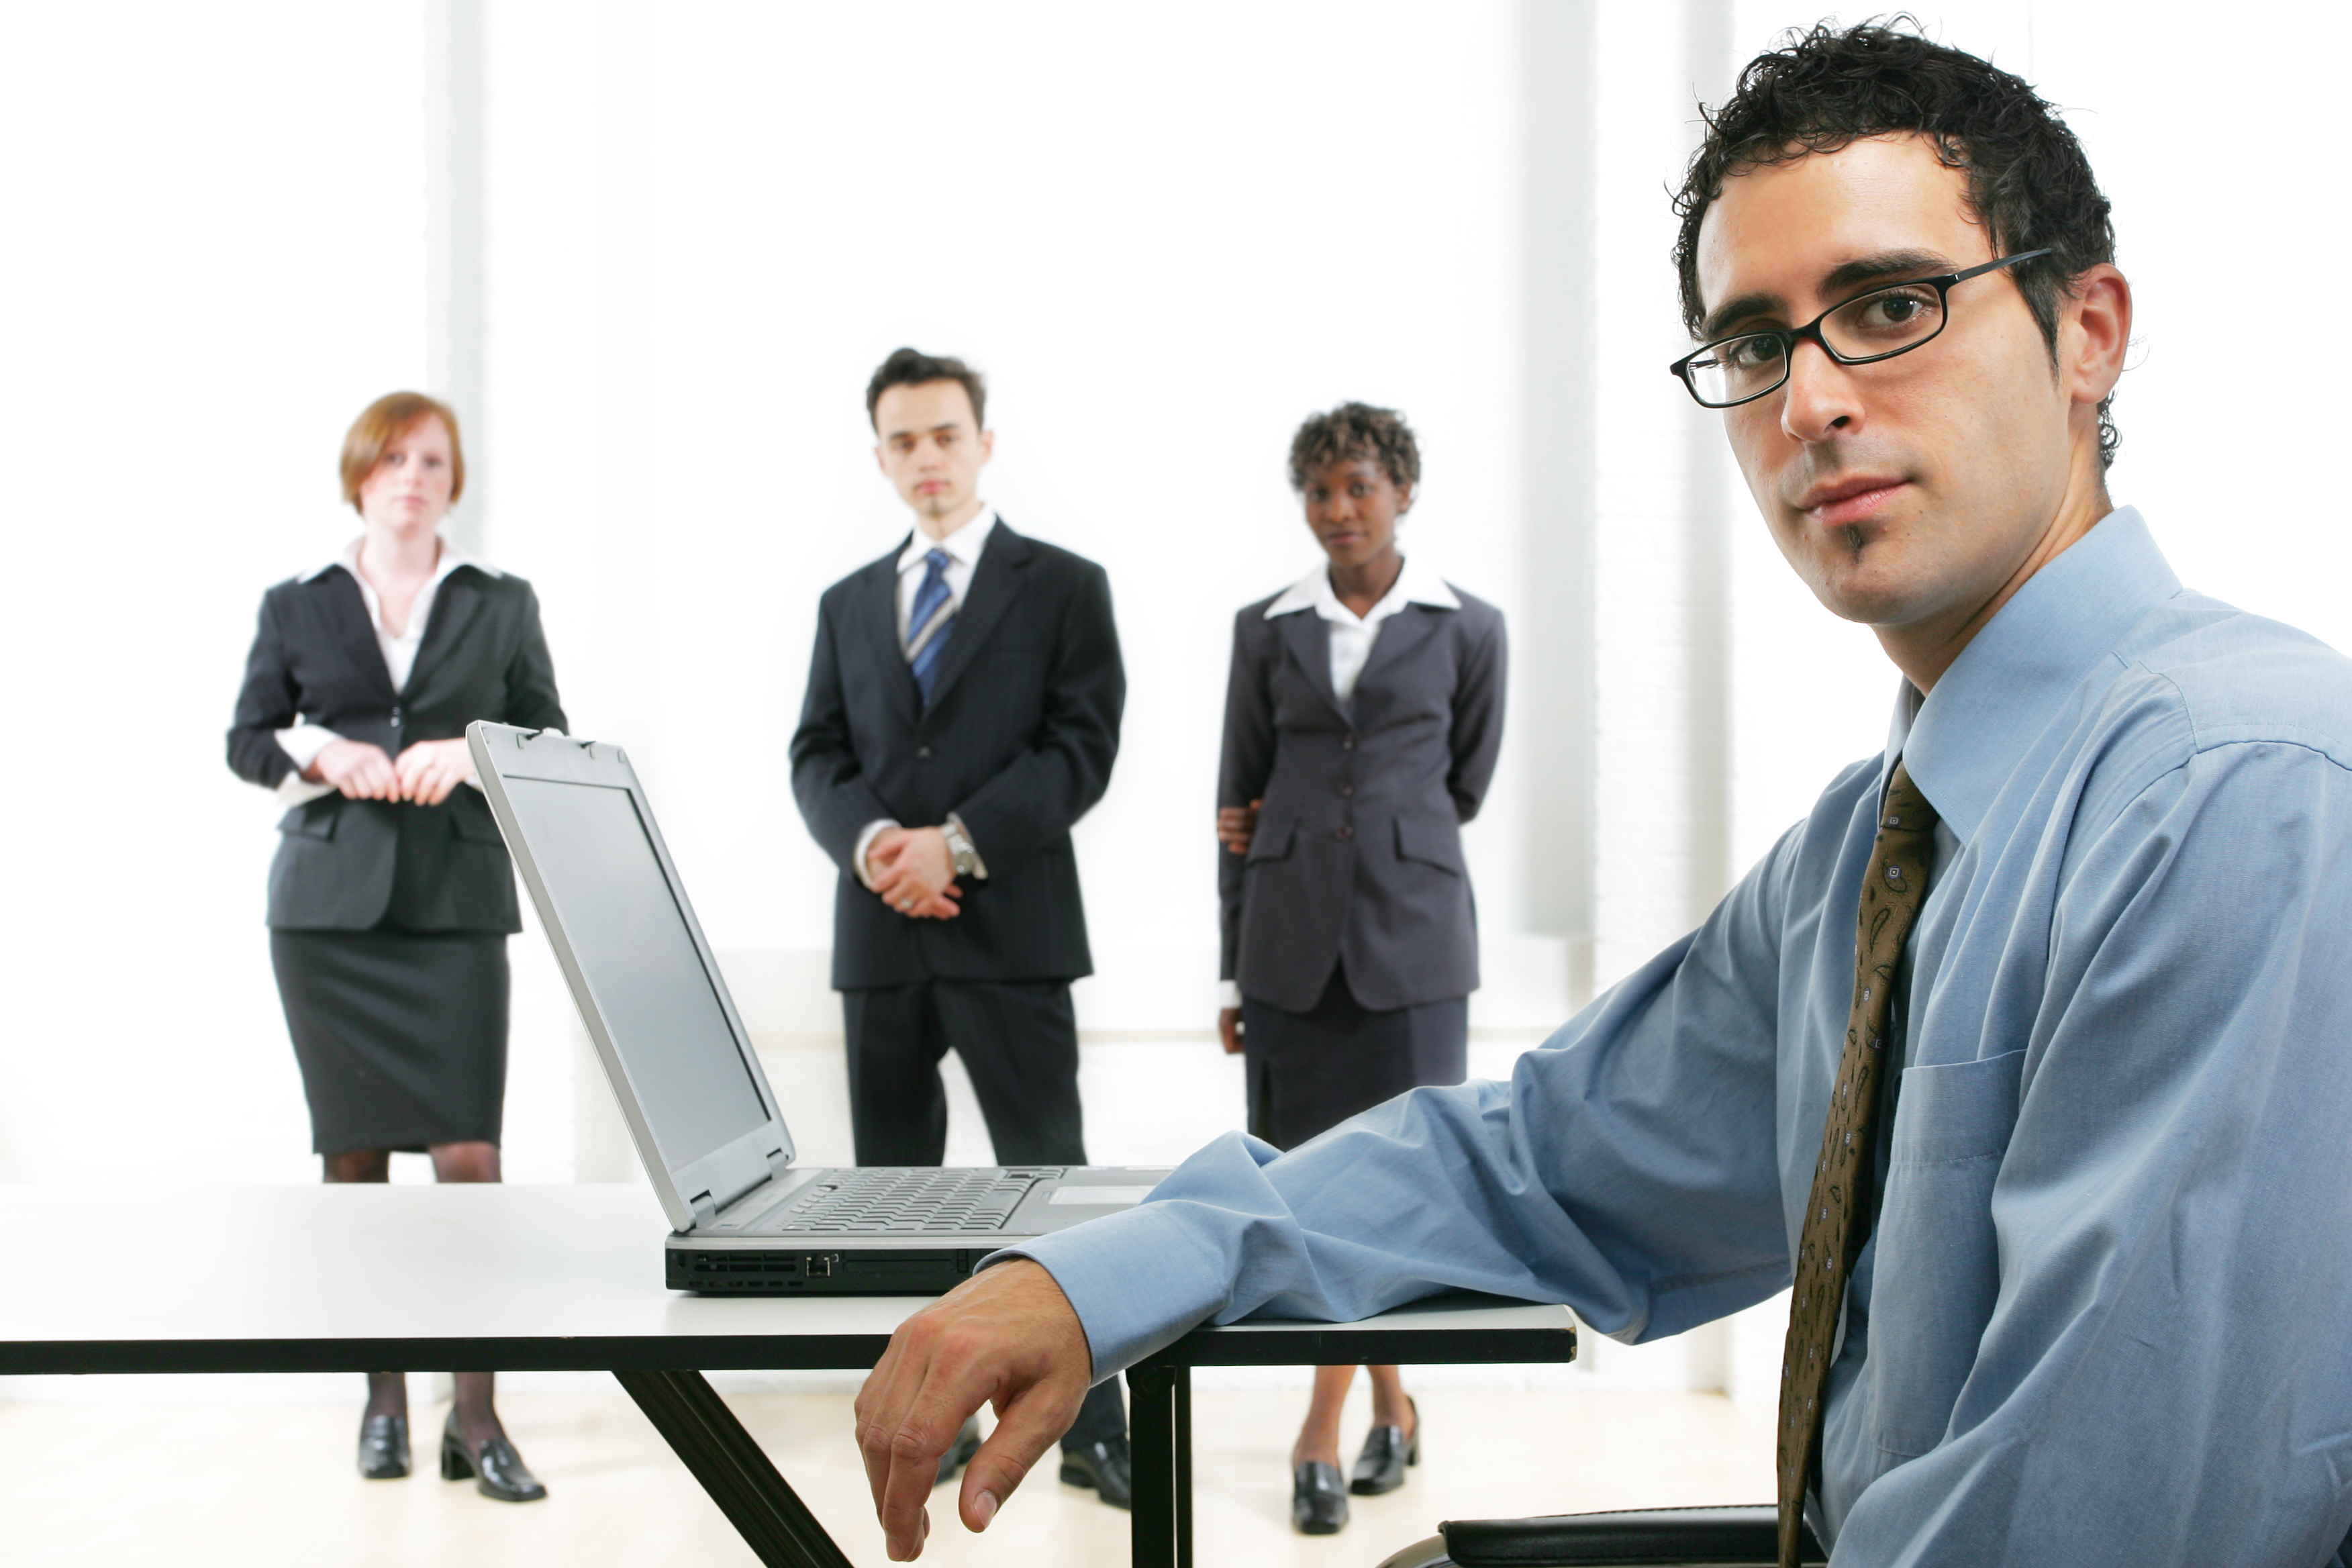 Muitas empresas atuam com cliente oculto